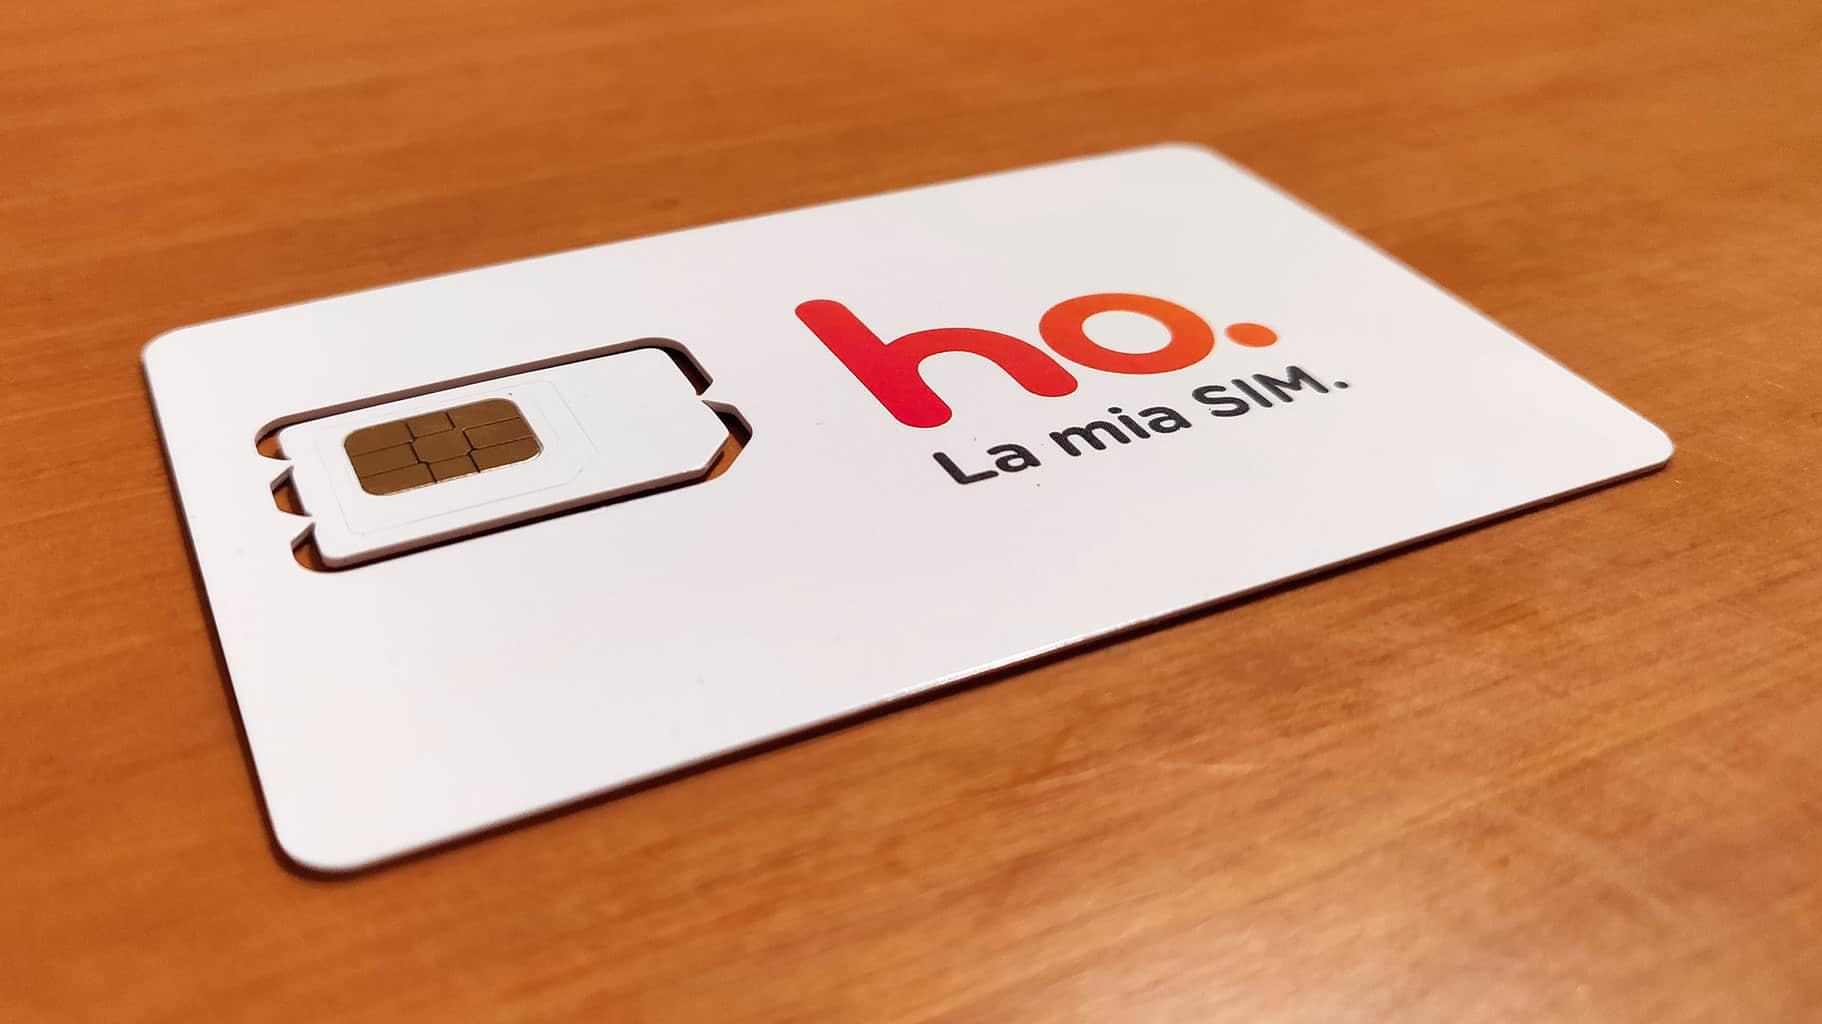 ho.Mobile raddoppia il costo di attivazione per alcuni clienti